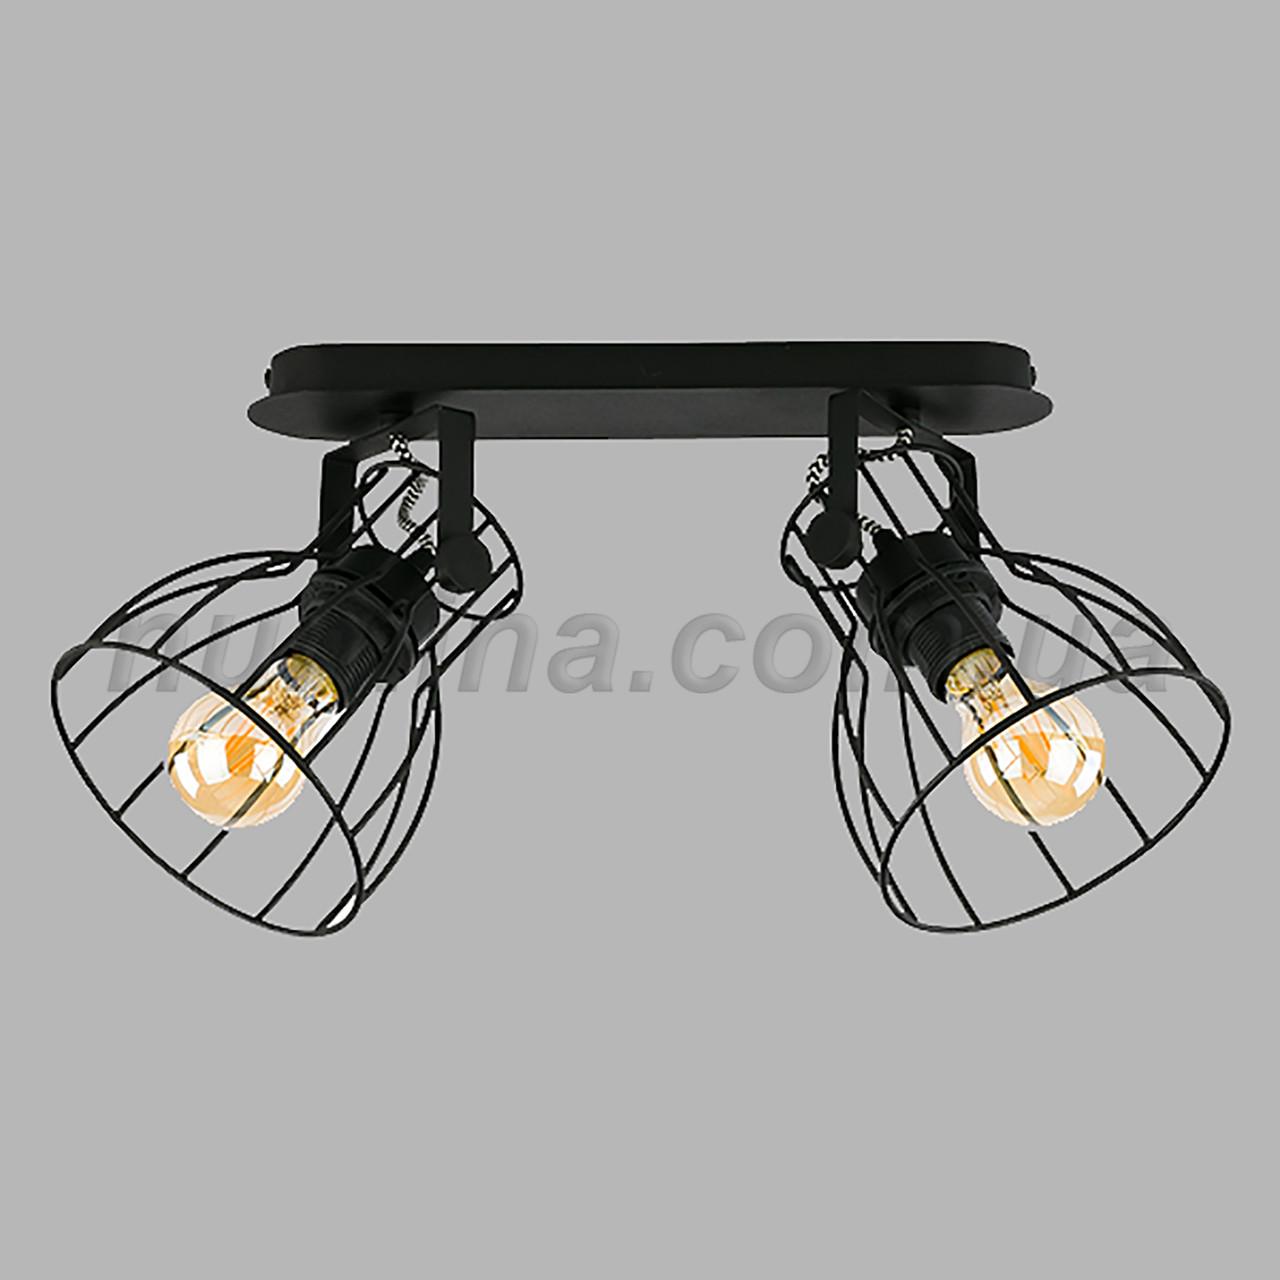 Люстра потолочная на две лампы 29-3122/2 BK+BK